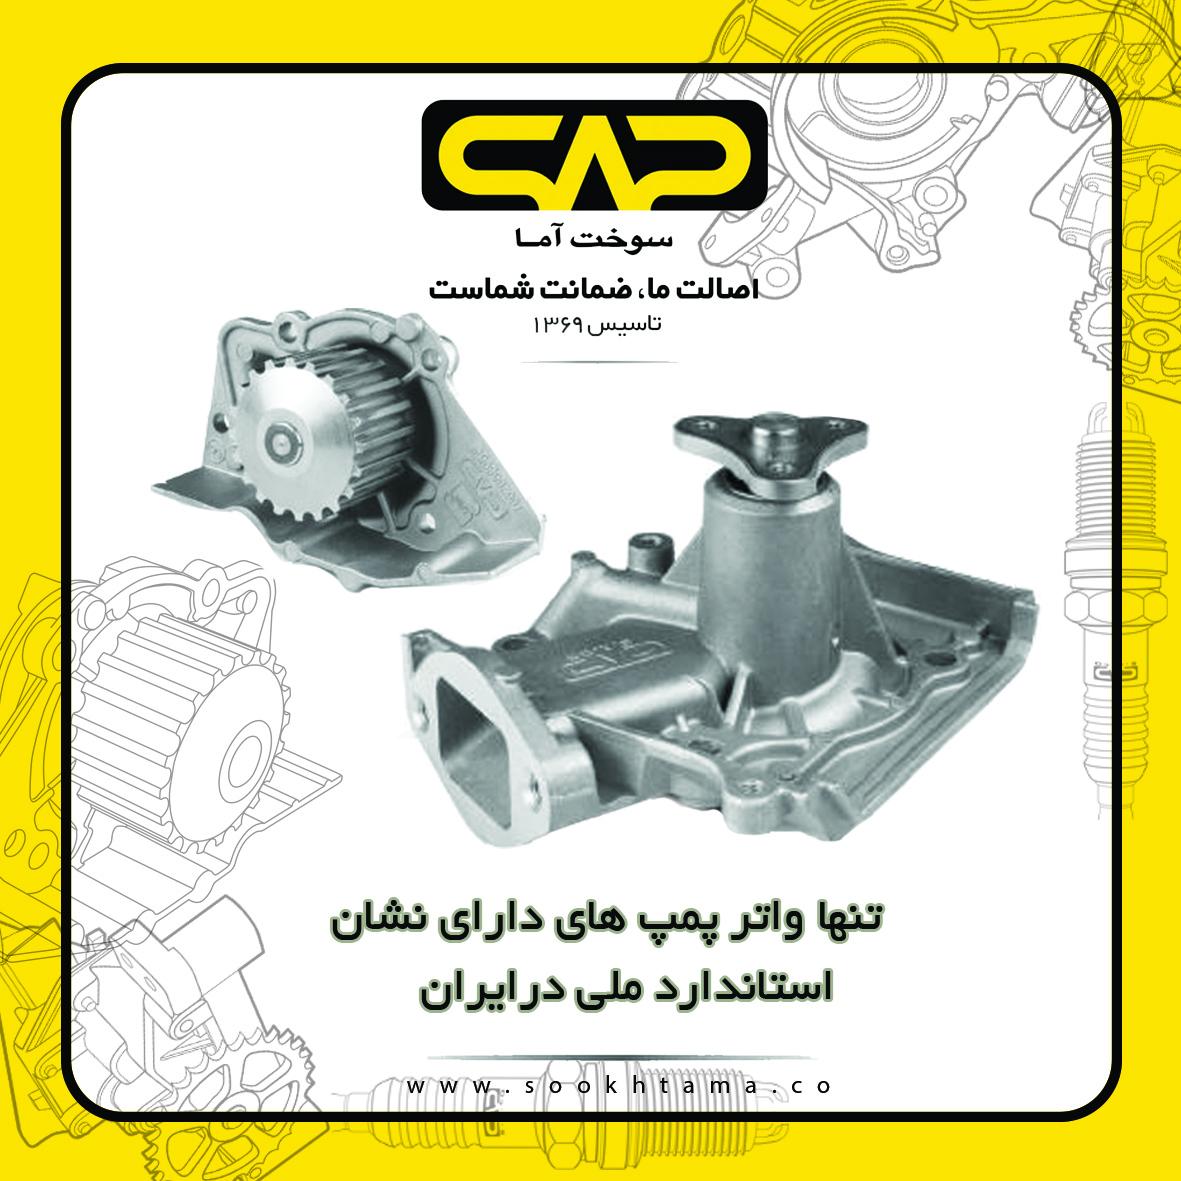 تنها تولید کننده انواع واتر پمپ با نشان ملی استاندارد در ایران